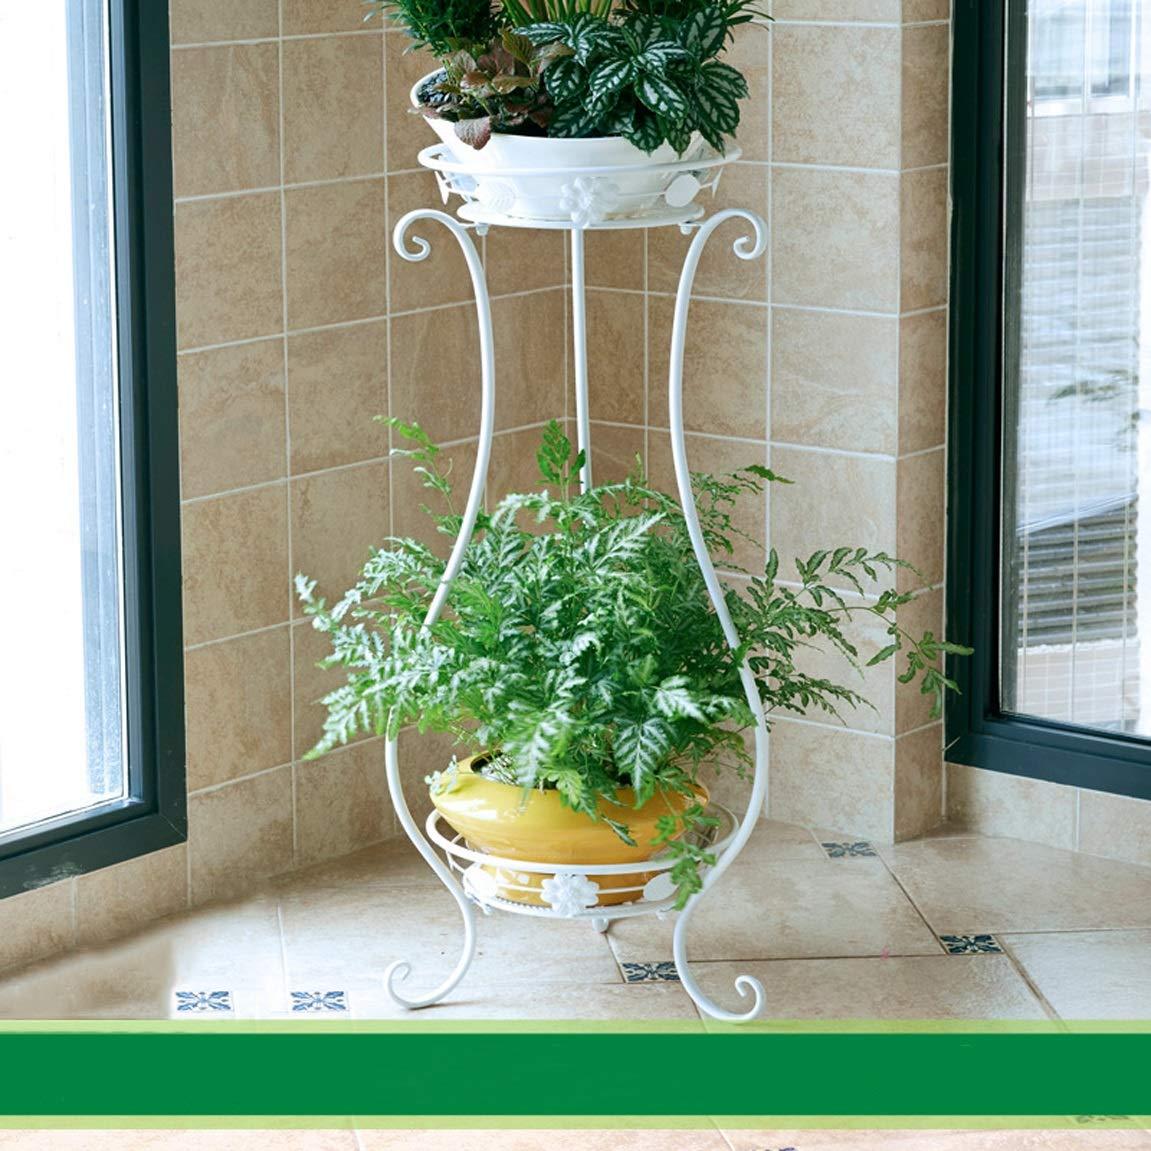 HLQW Flower Rack Multi Piano Interno in Ferro Art Soggiorno in Camera da Letto per balconi Impianto per Piante Fiori Verdi per Fiori (Colore   bianca, Dimensione   33  80cm)